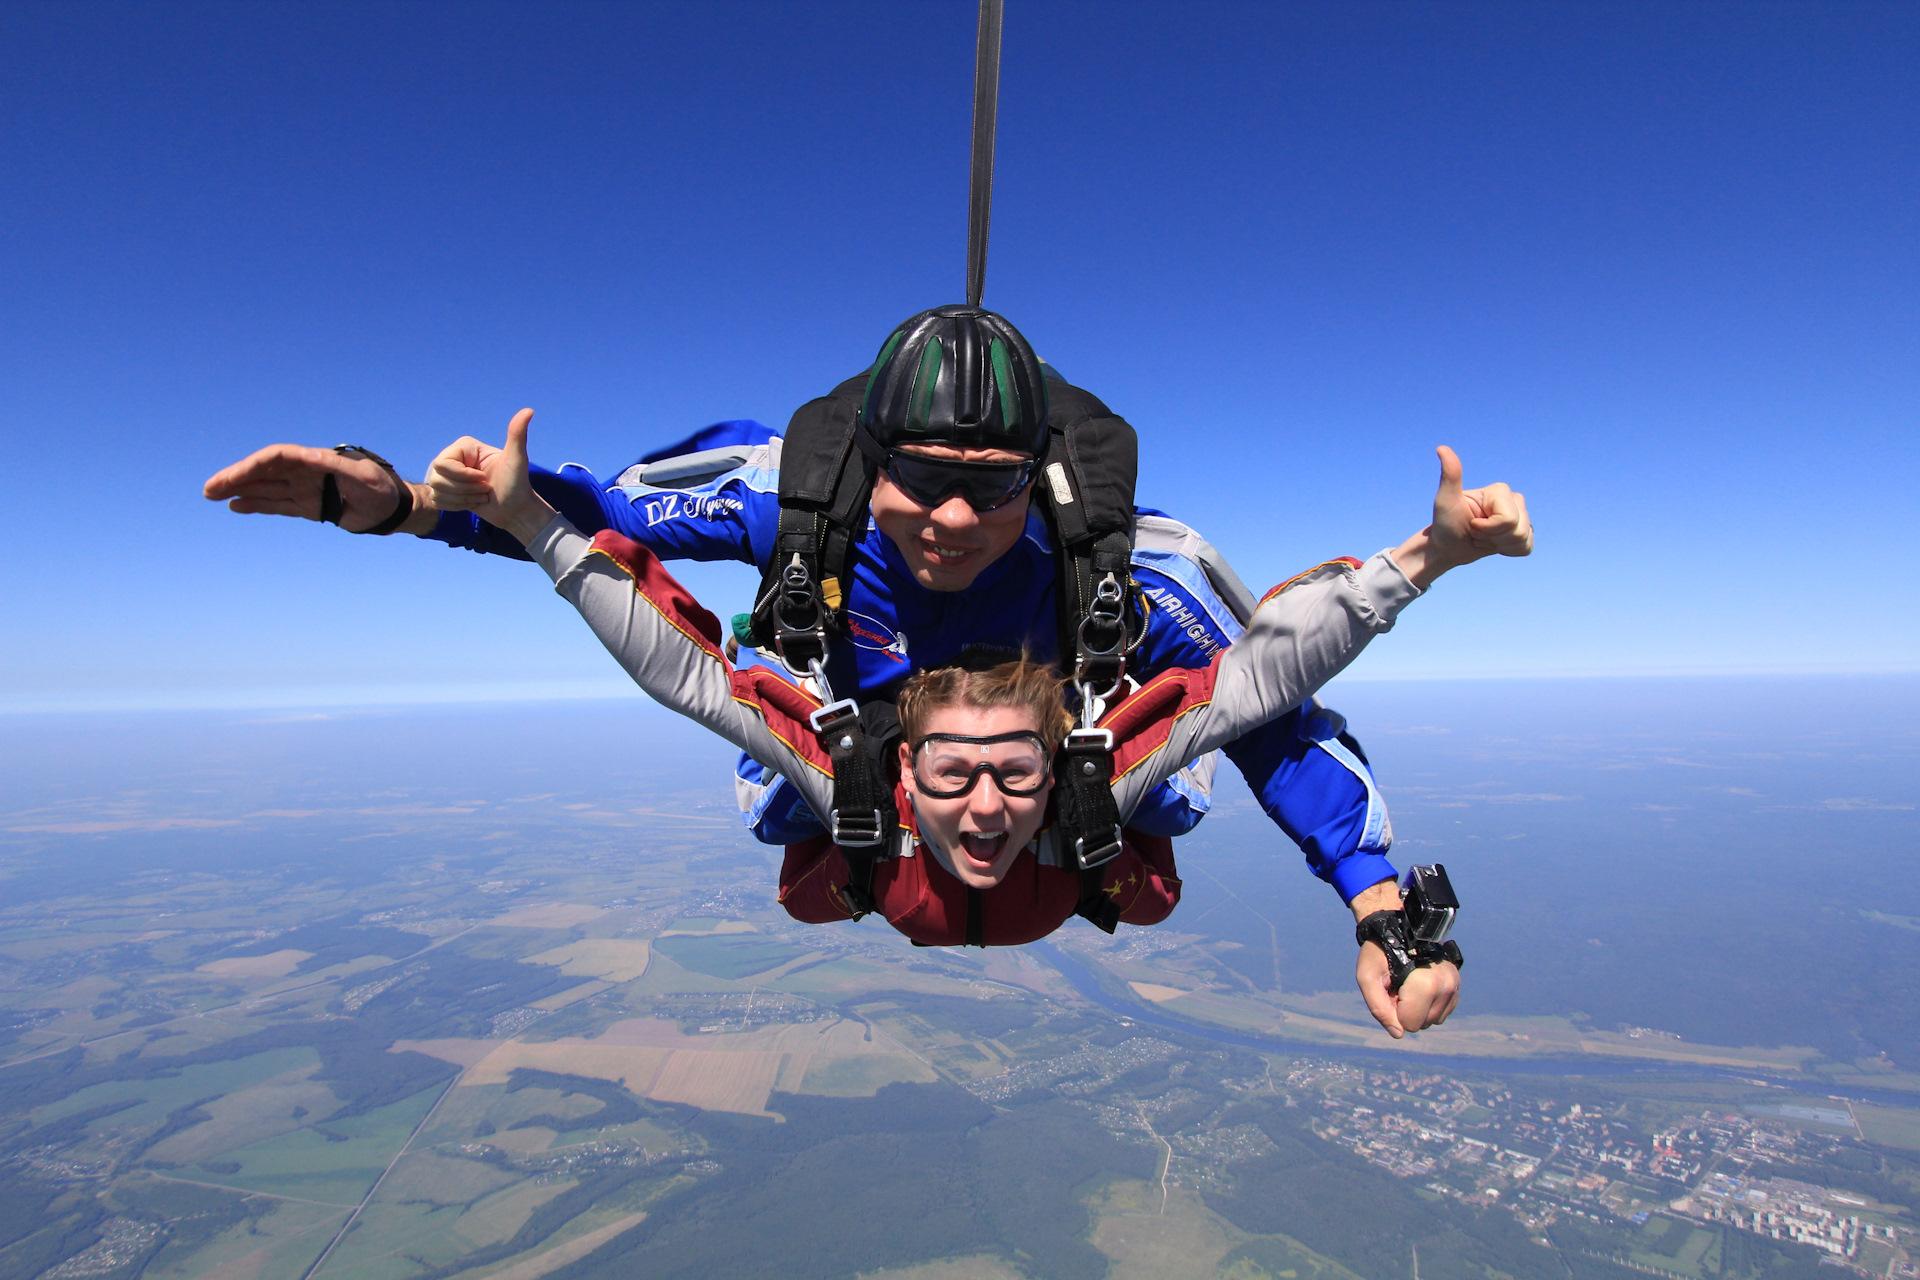 наша забавная фото прыжков с парашютом летом столкнулась